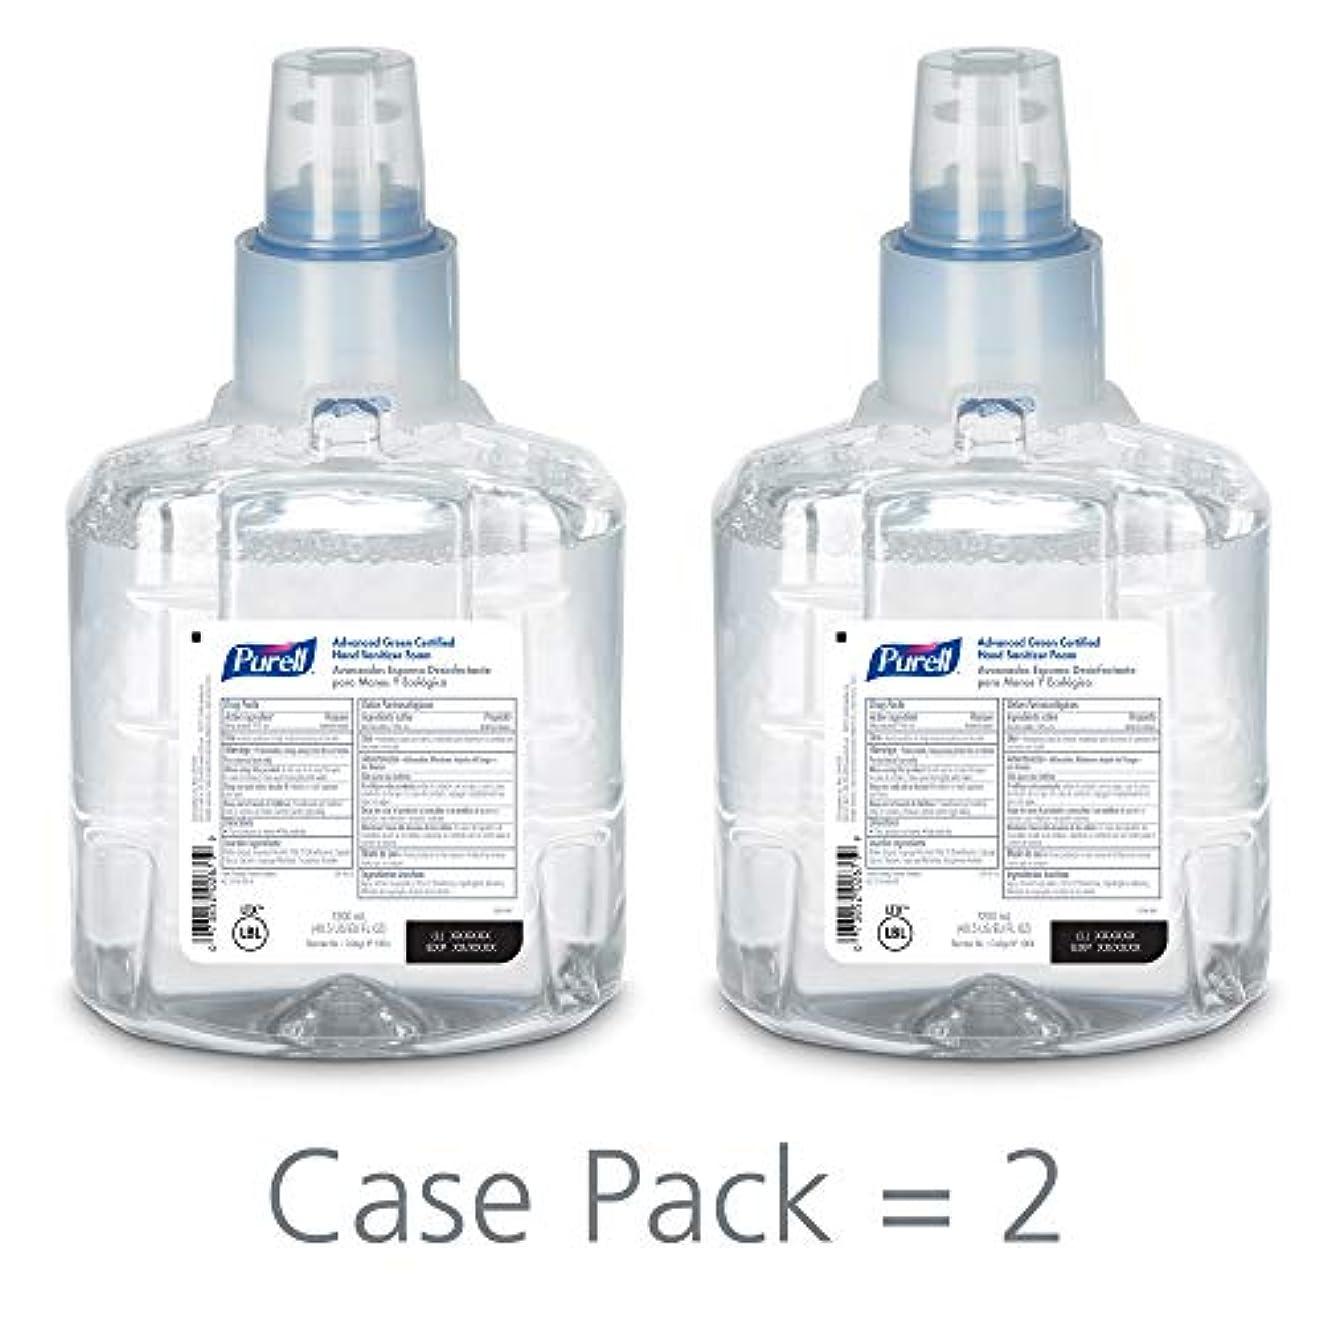 資格情報砂小説PURELL 1904-02 1200 mL Advanced Green Certified Instant Hand Sanitizer Foam, LTX-12 Refill (Pack of 2) by Purell